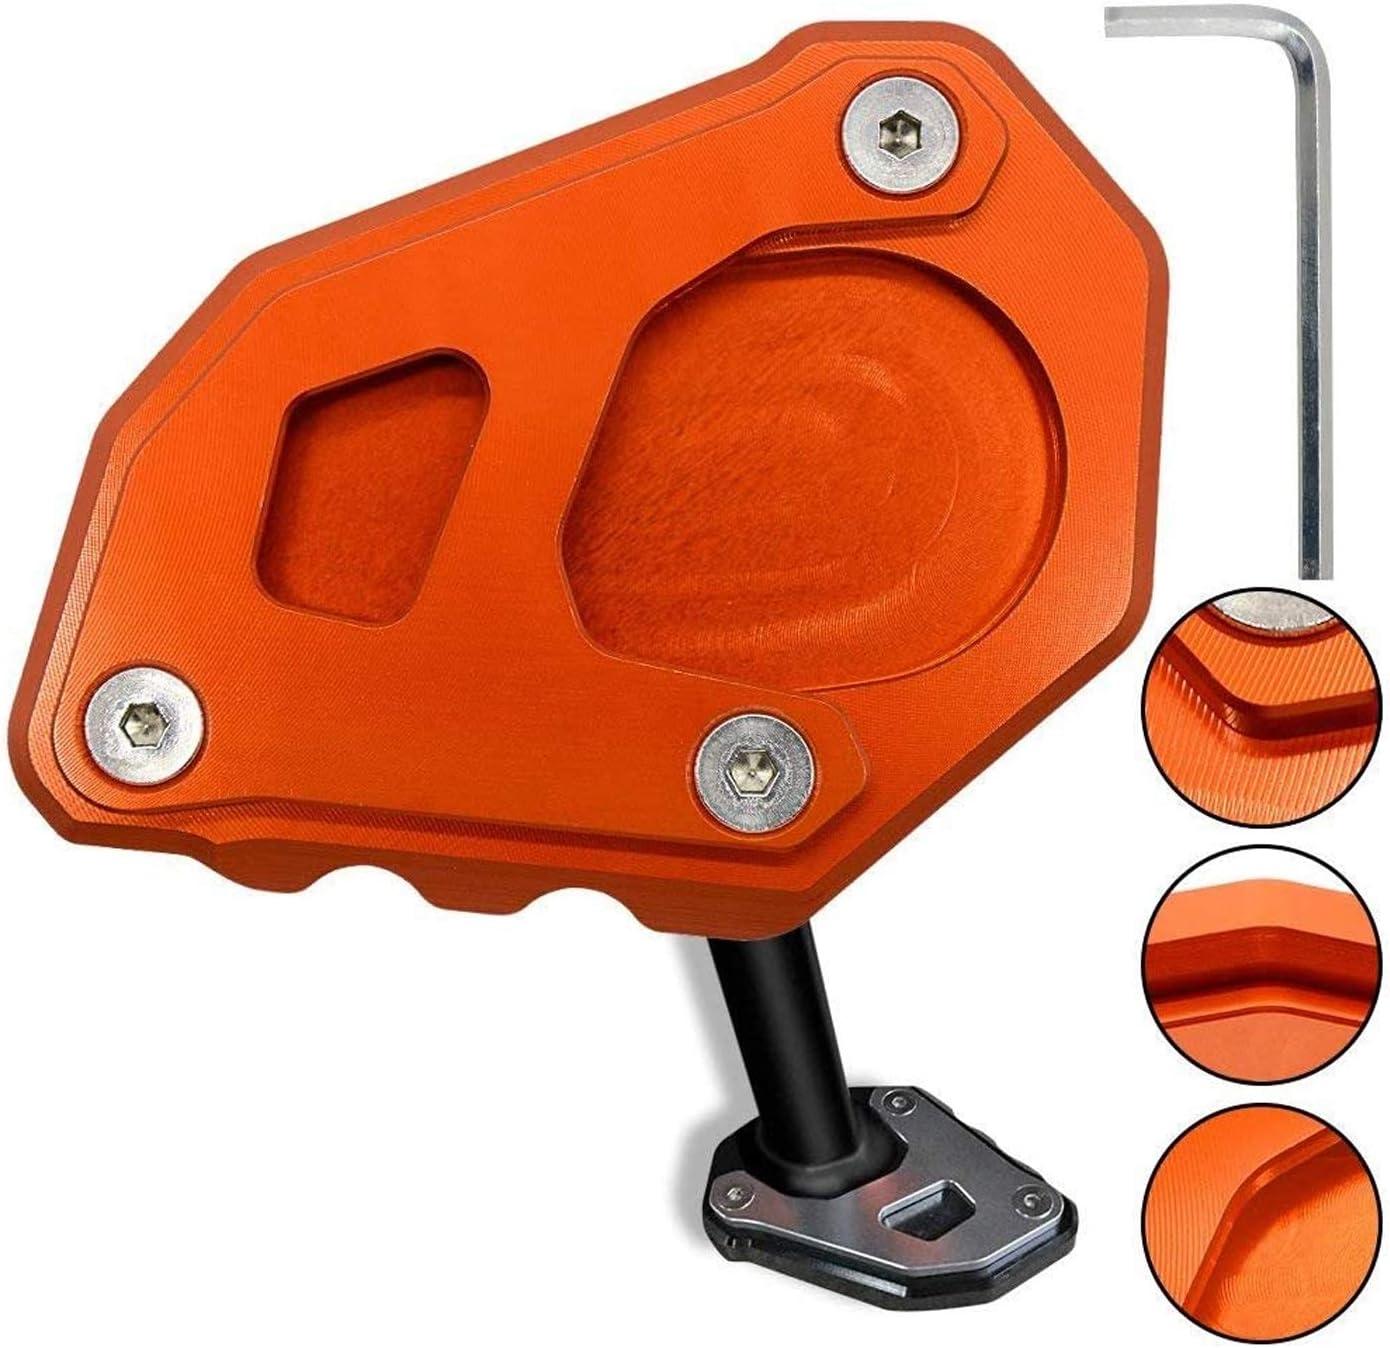 1050 1090 1290 Adventure 1190 Motorrad Cnc Aluminium Seitenständer Vergrößern Seitenständer Platte Für Ktm 1050 1090 1190 1290 Adventure 1290 Super Adventure R Orange Orange Auto